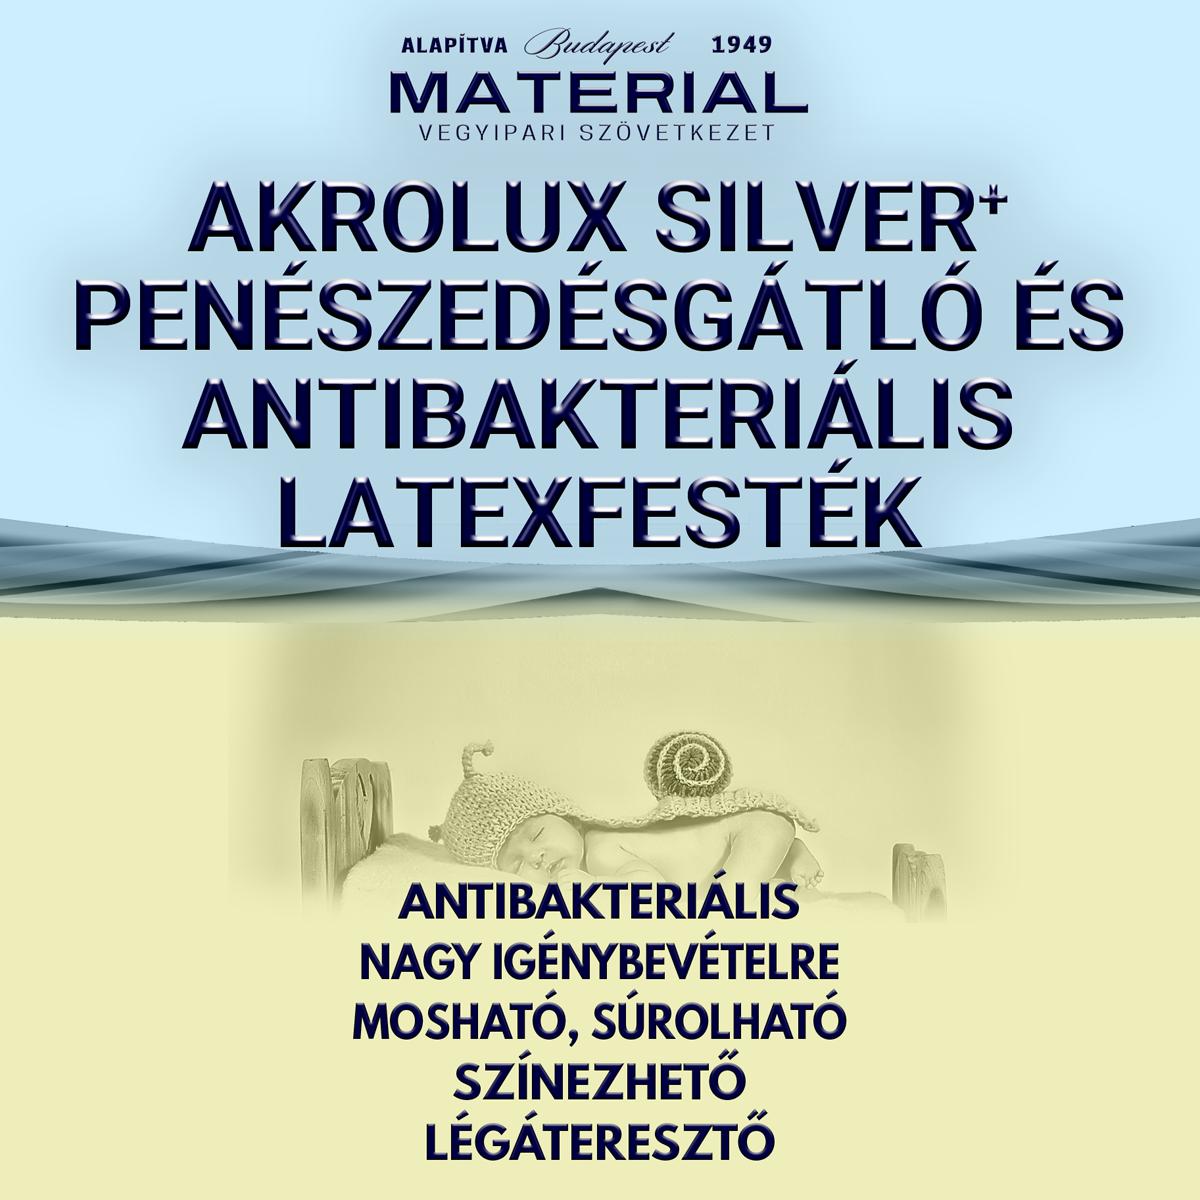 AKROLUX SILVER+ penészedésgátló és antibakteriális latexfesték